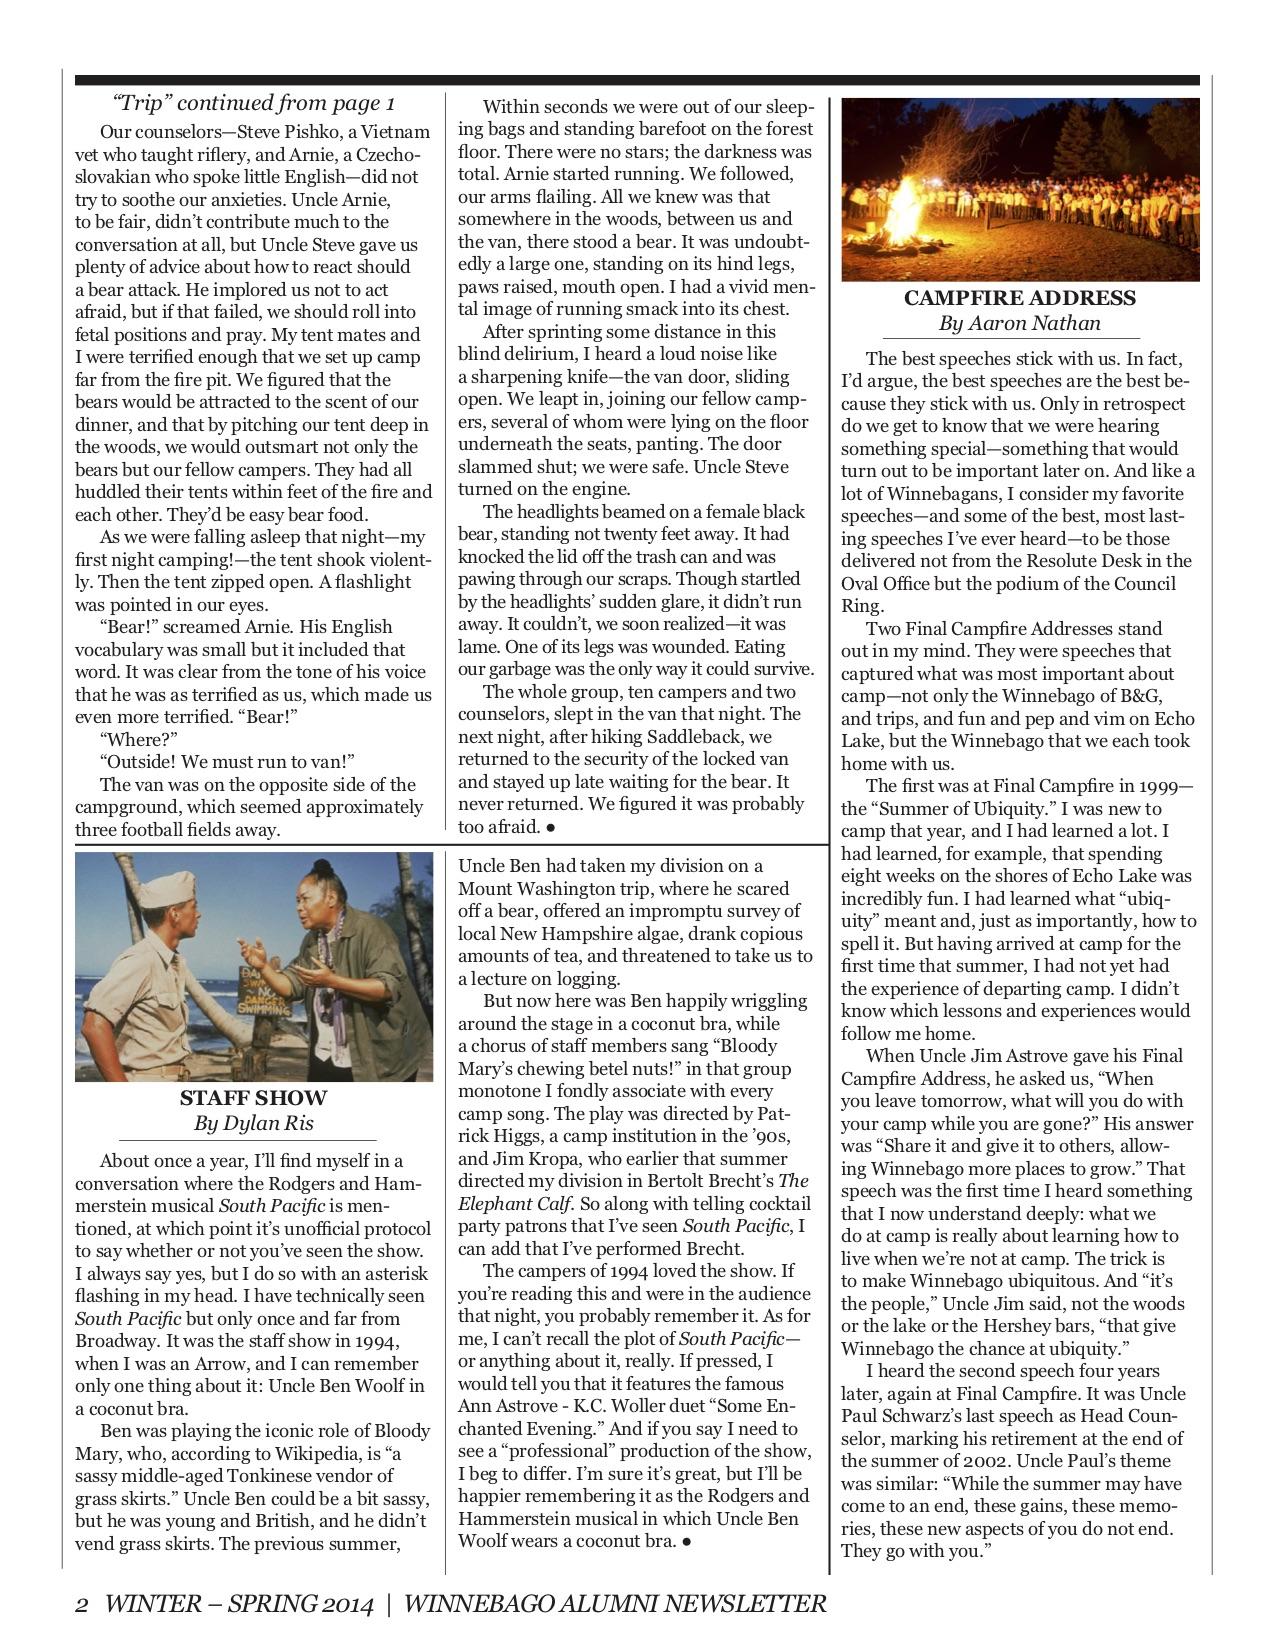 2014 Spring Newsletter 2.jpg